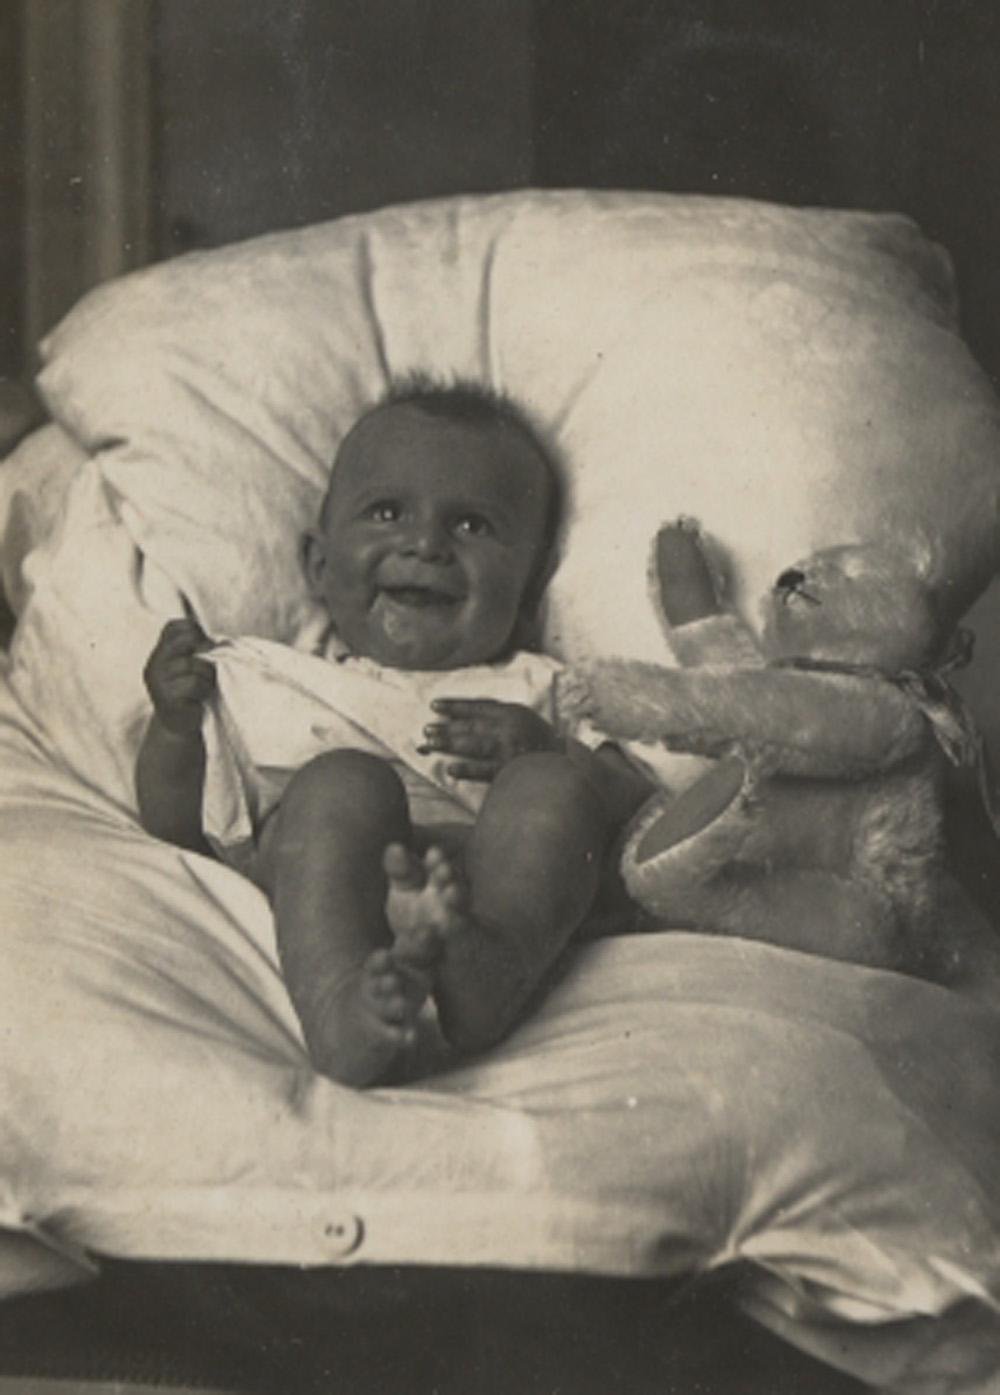 Ein Baby mit Teddybar, auf einem weissen Kissen liegend.